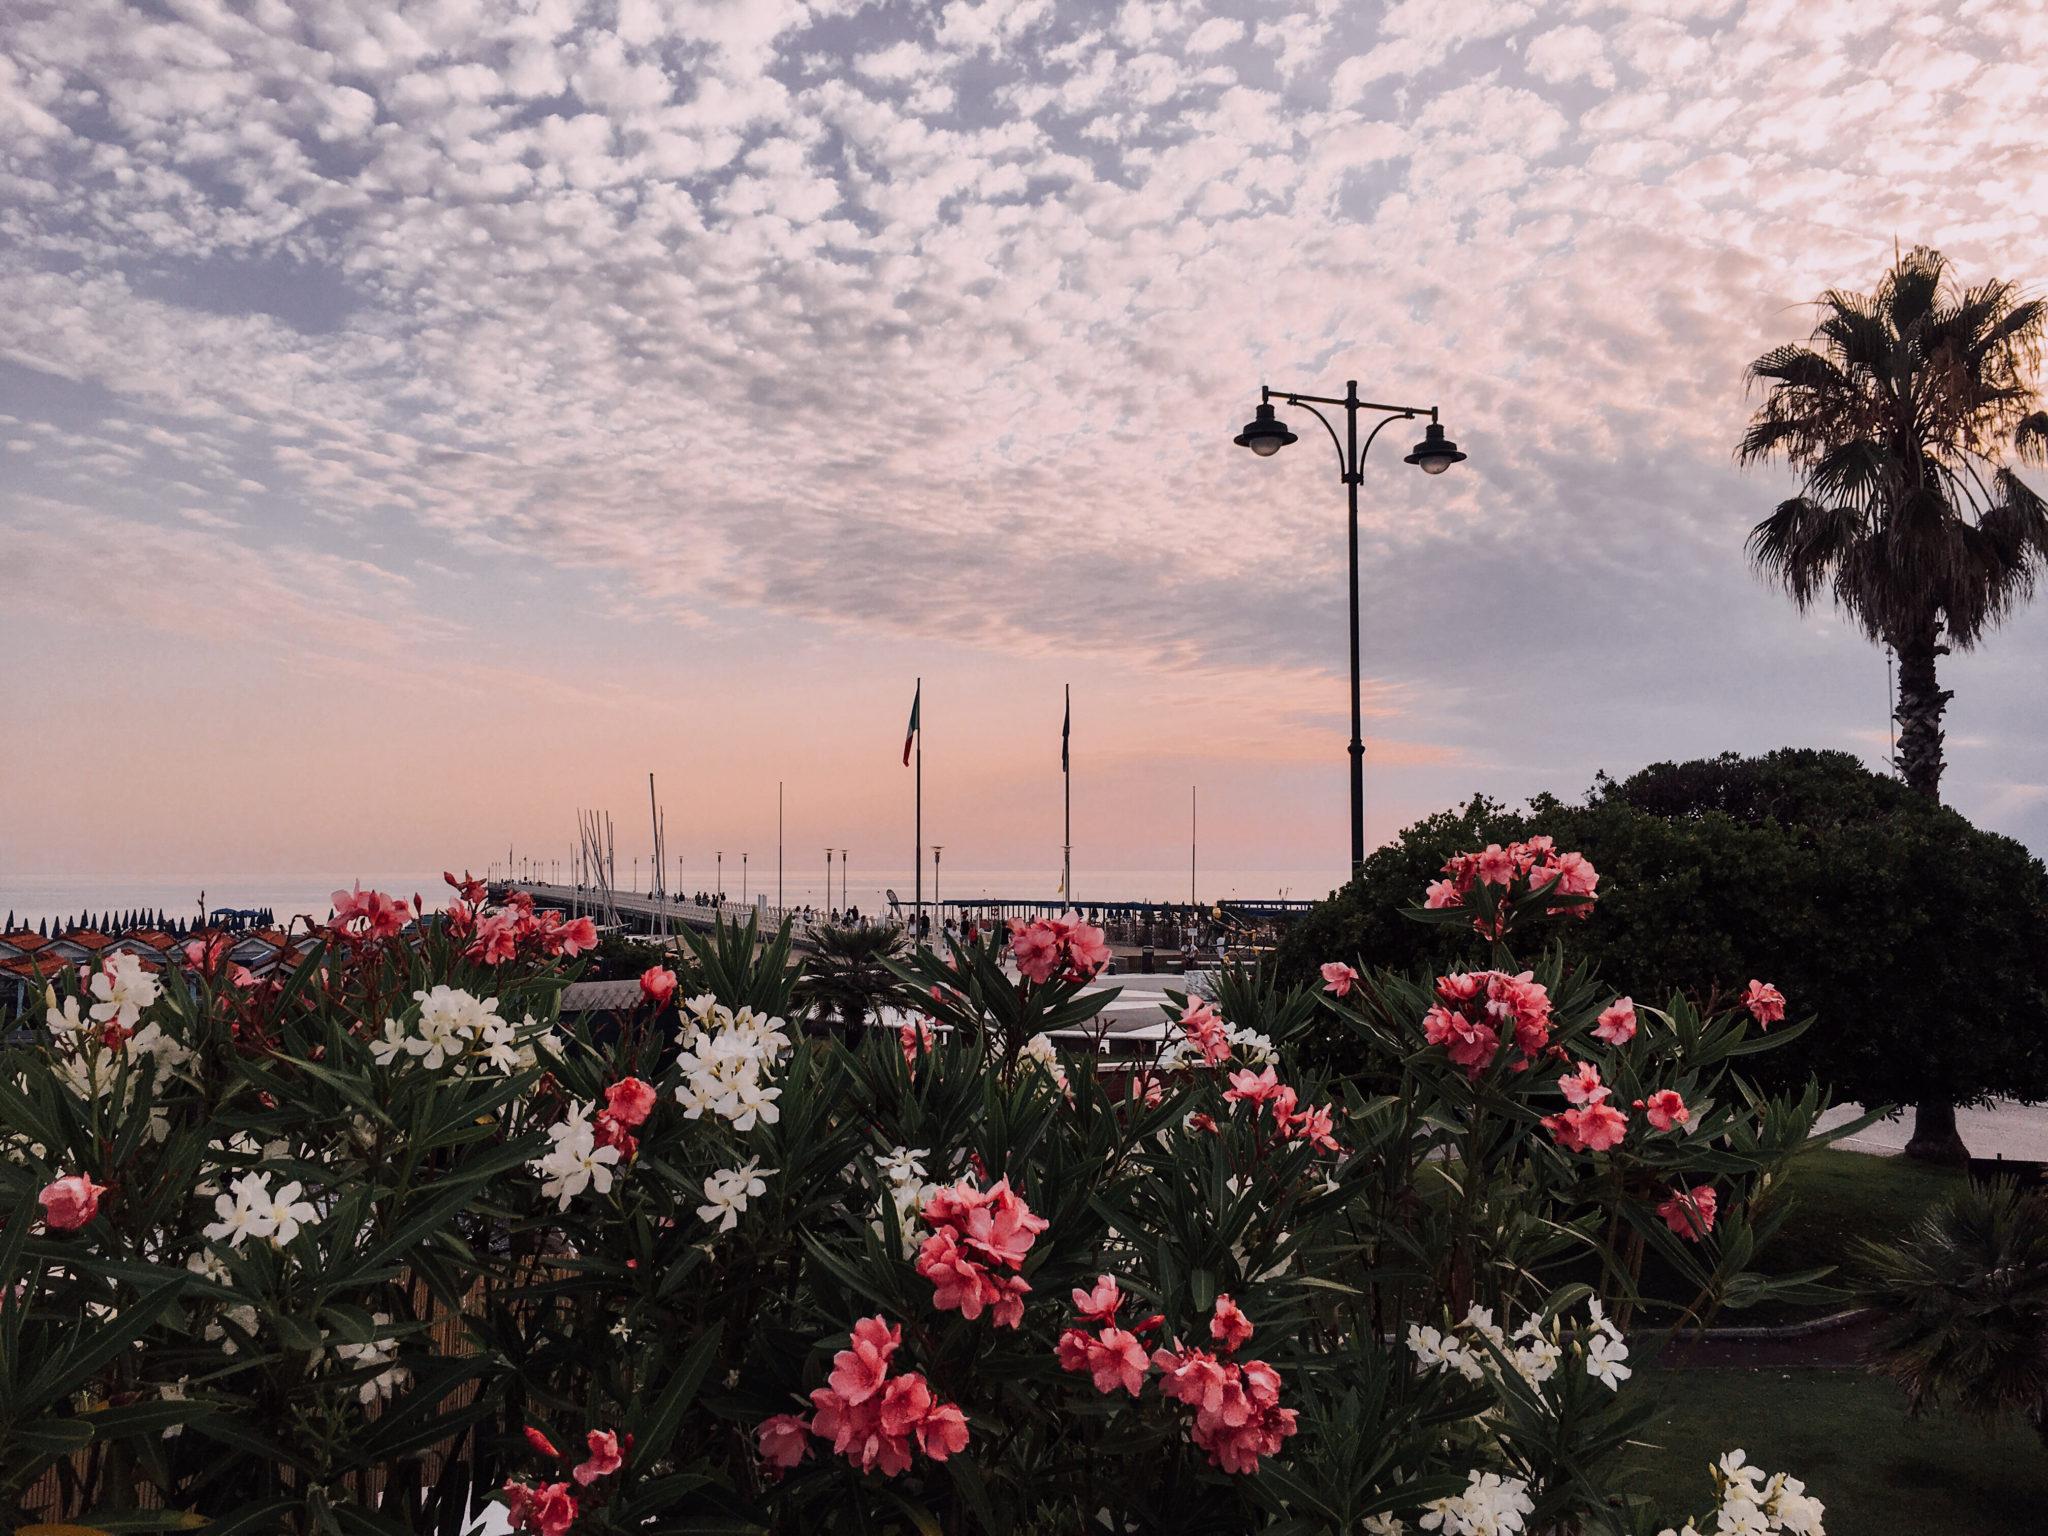 Mettiamo che siate di passaggio da Forte dei Marmi, o che ci vogliate trascorrere un'alba: ecco un itinerario perfetto per voi e per il vostro orologio